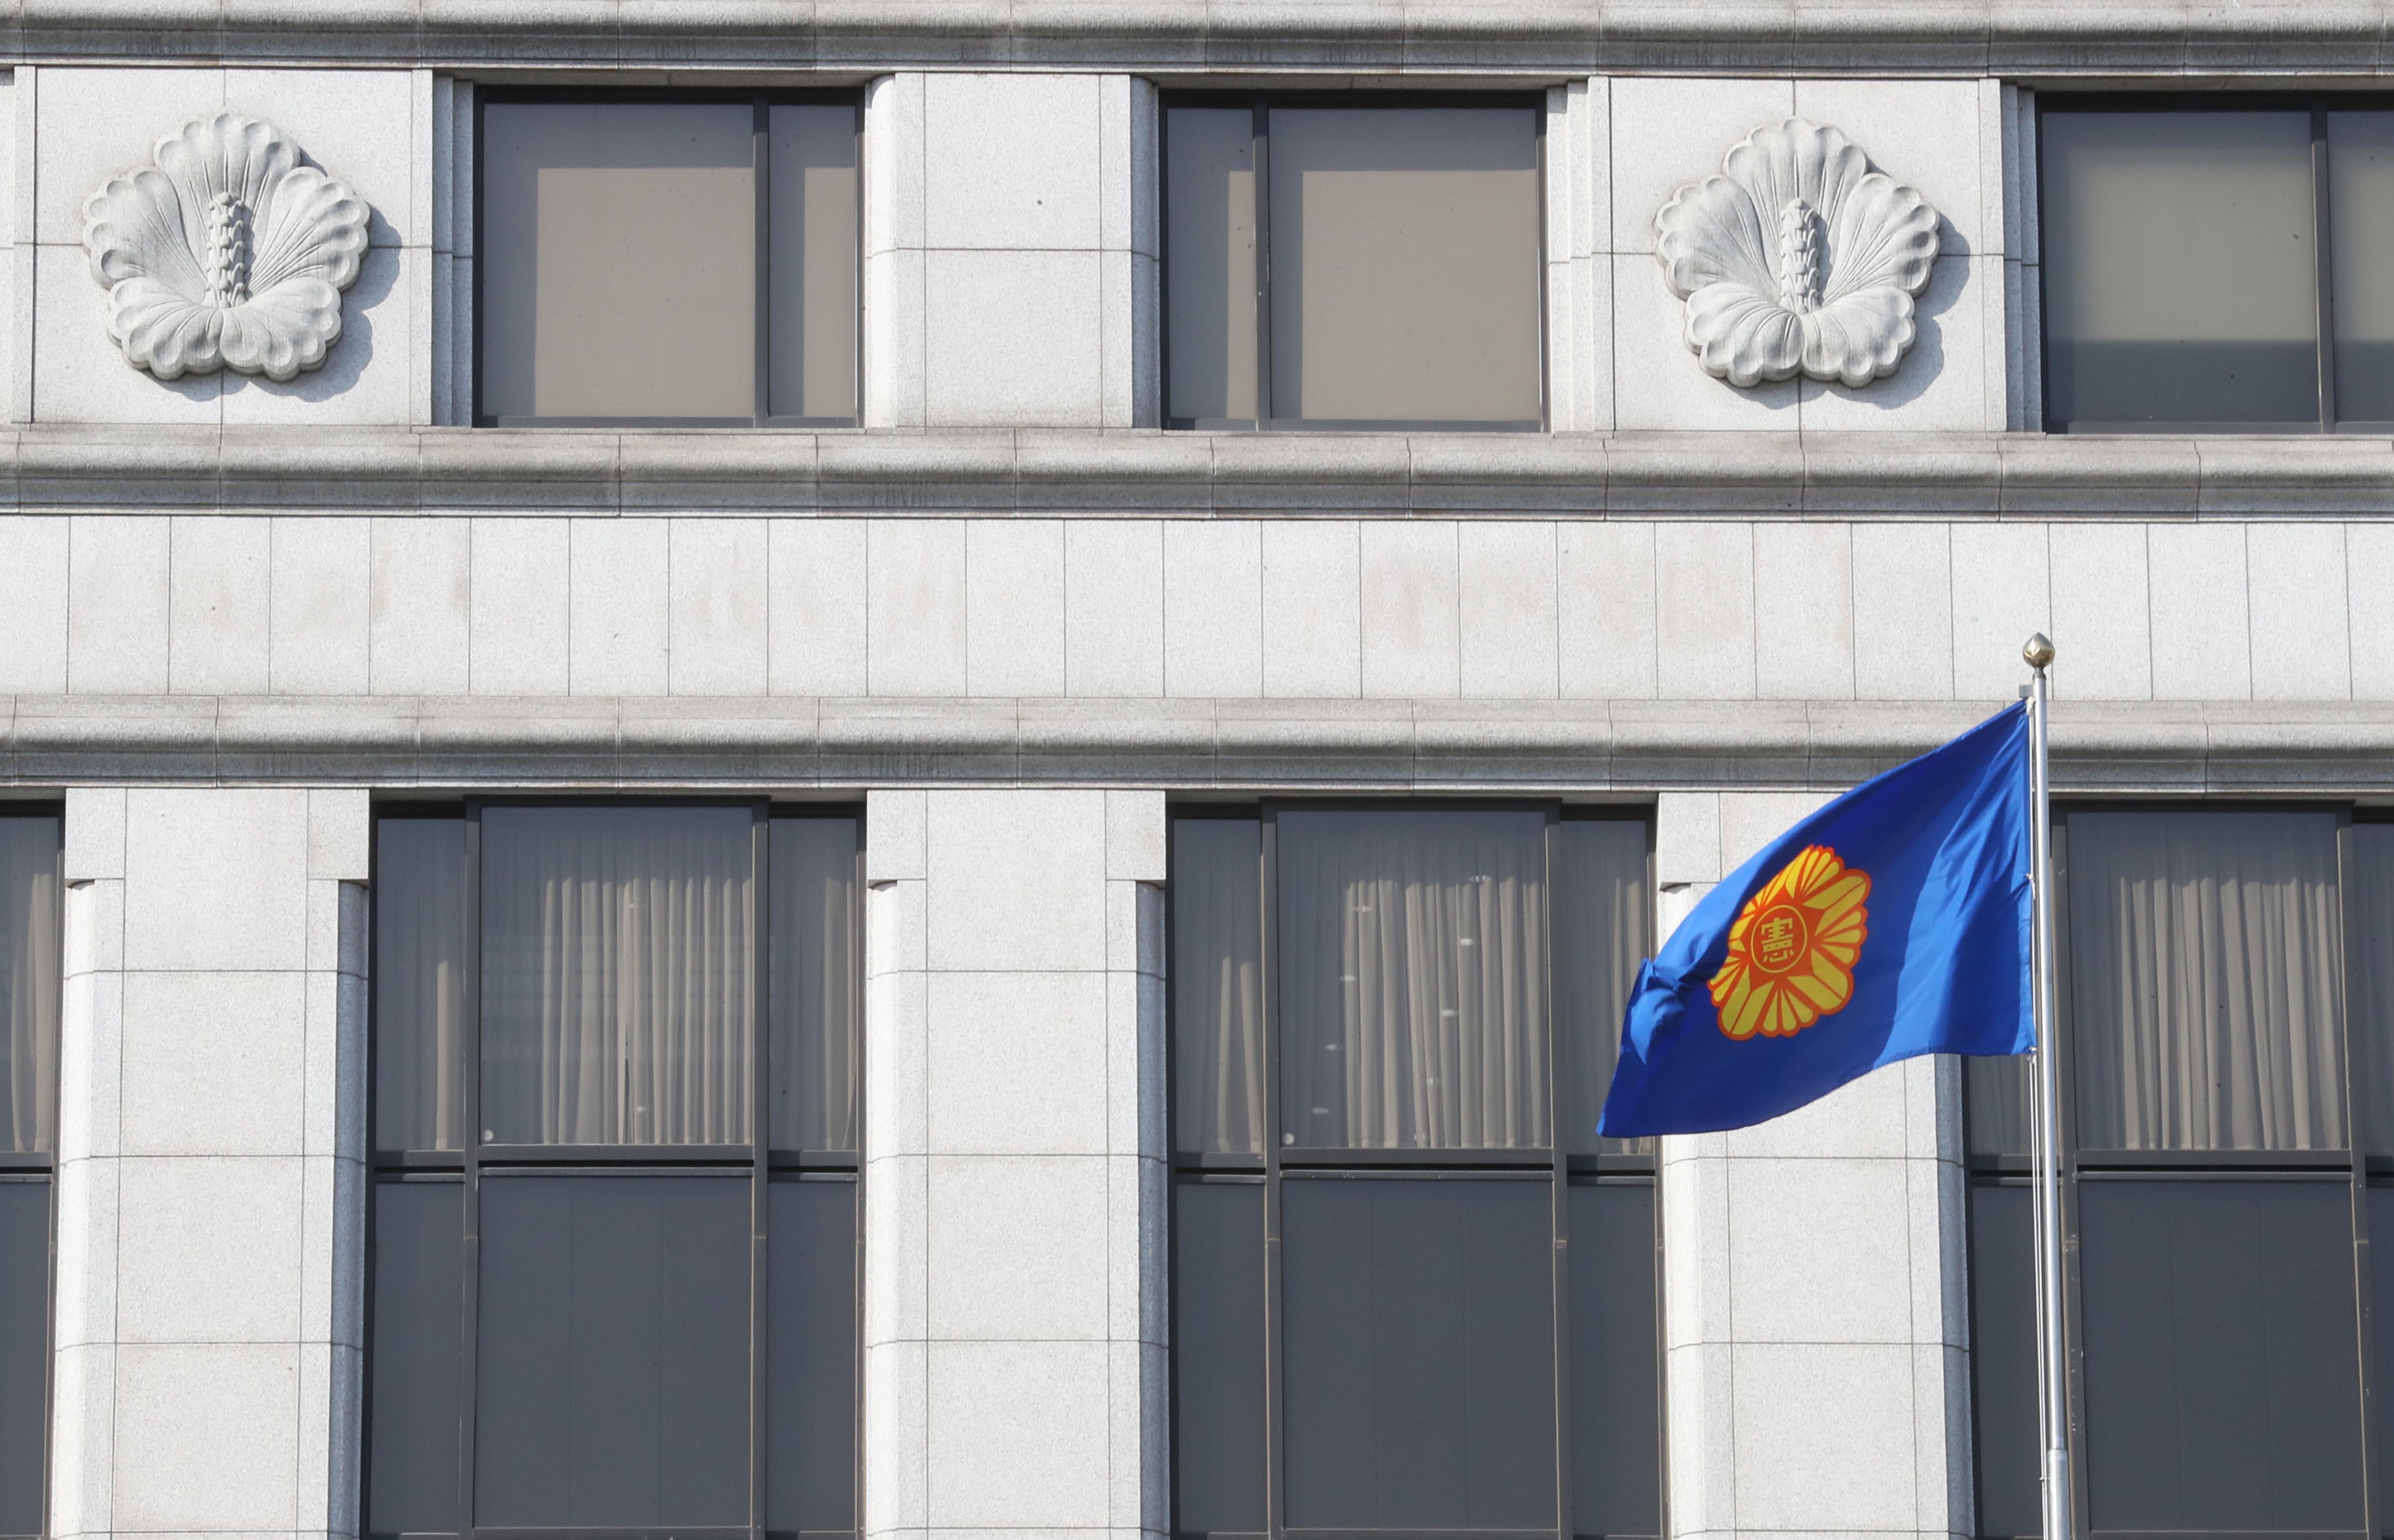 [헌재] 배우자의 생전 증여분도 상속재산에 포함 조항 합헌